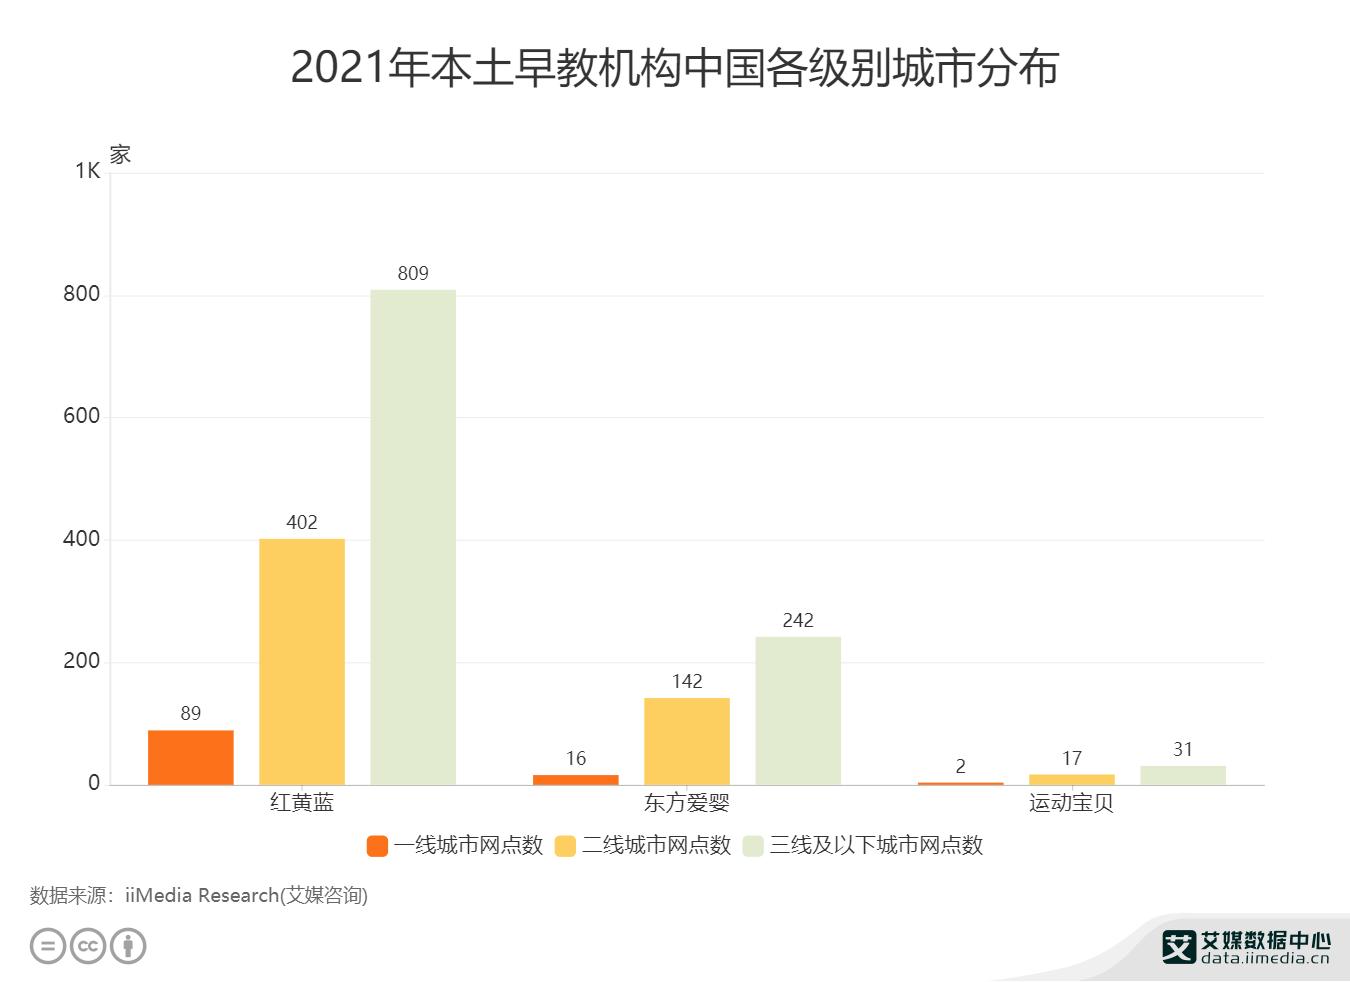 2021年本土早教机构中国各级别城市分布.png